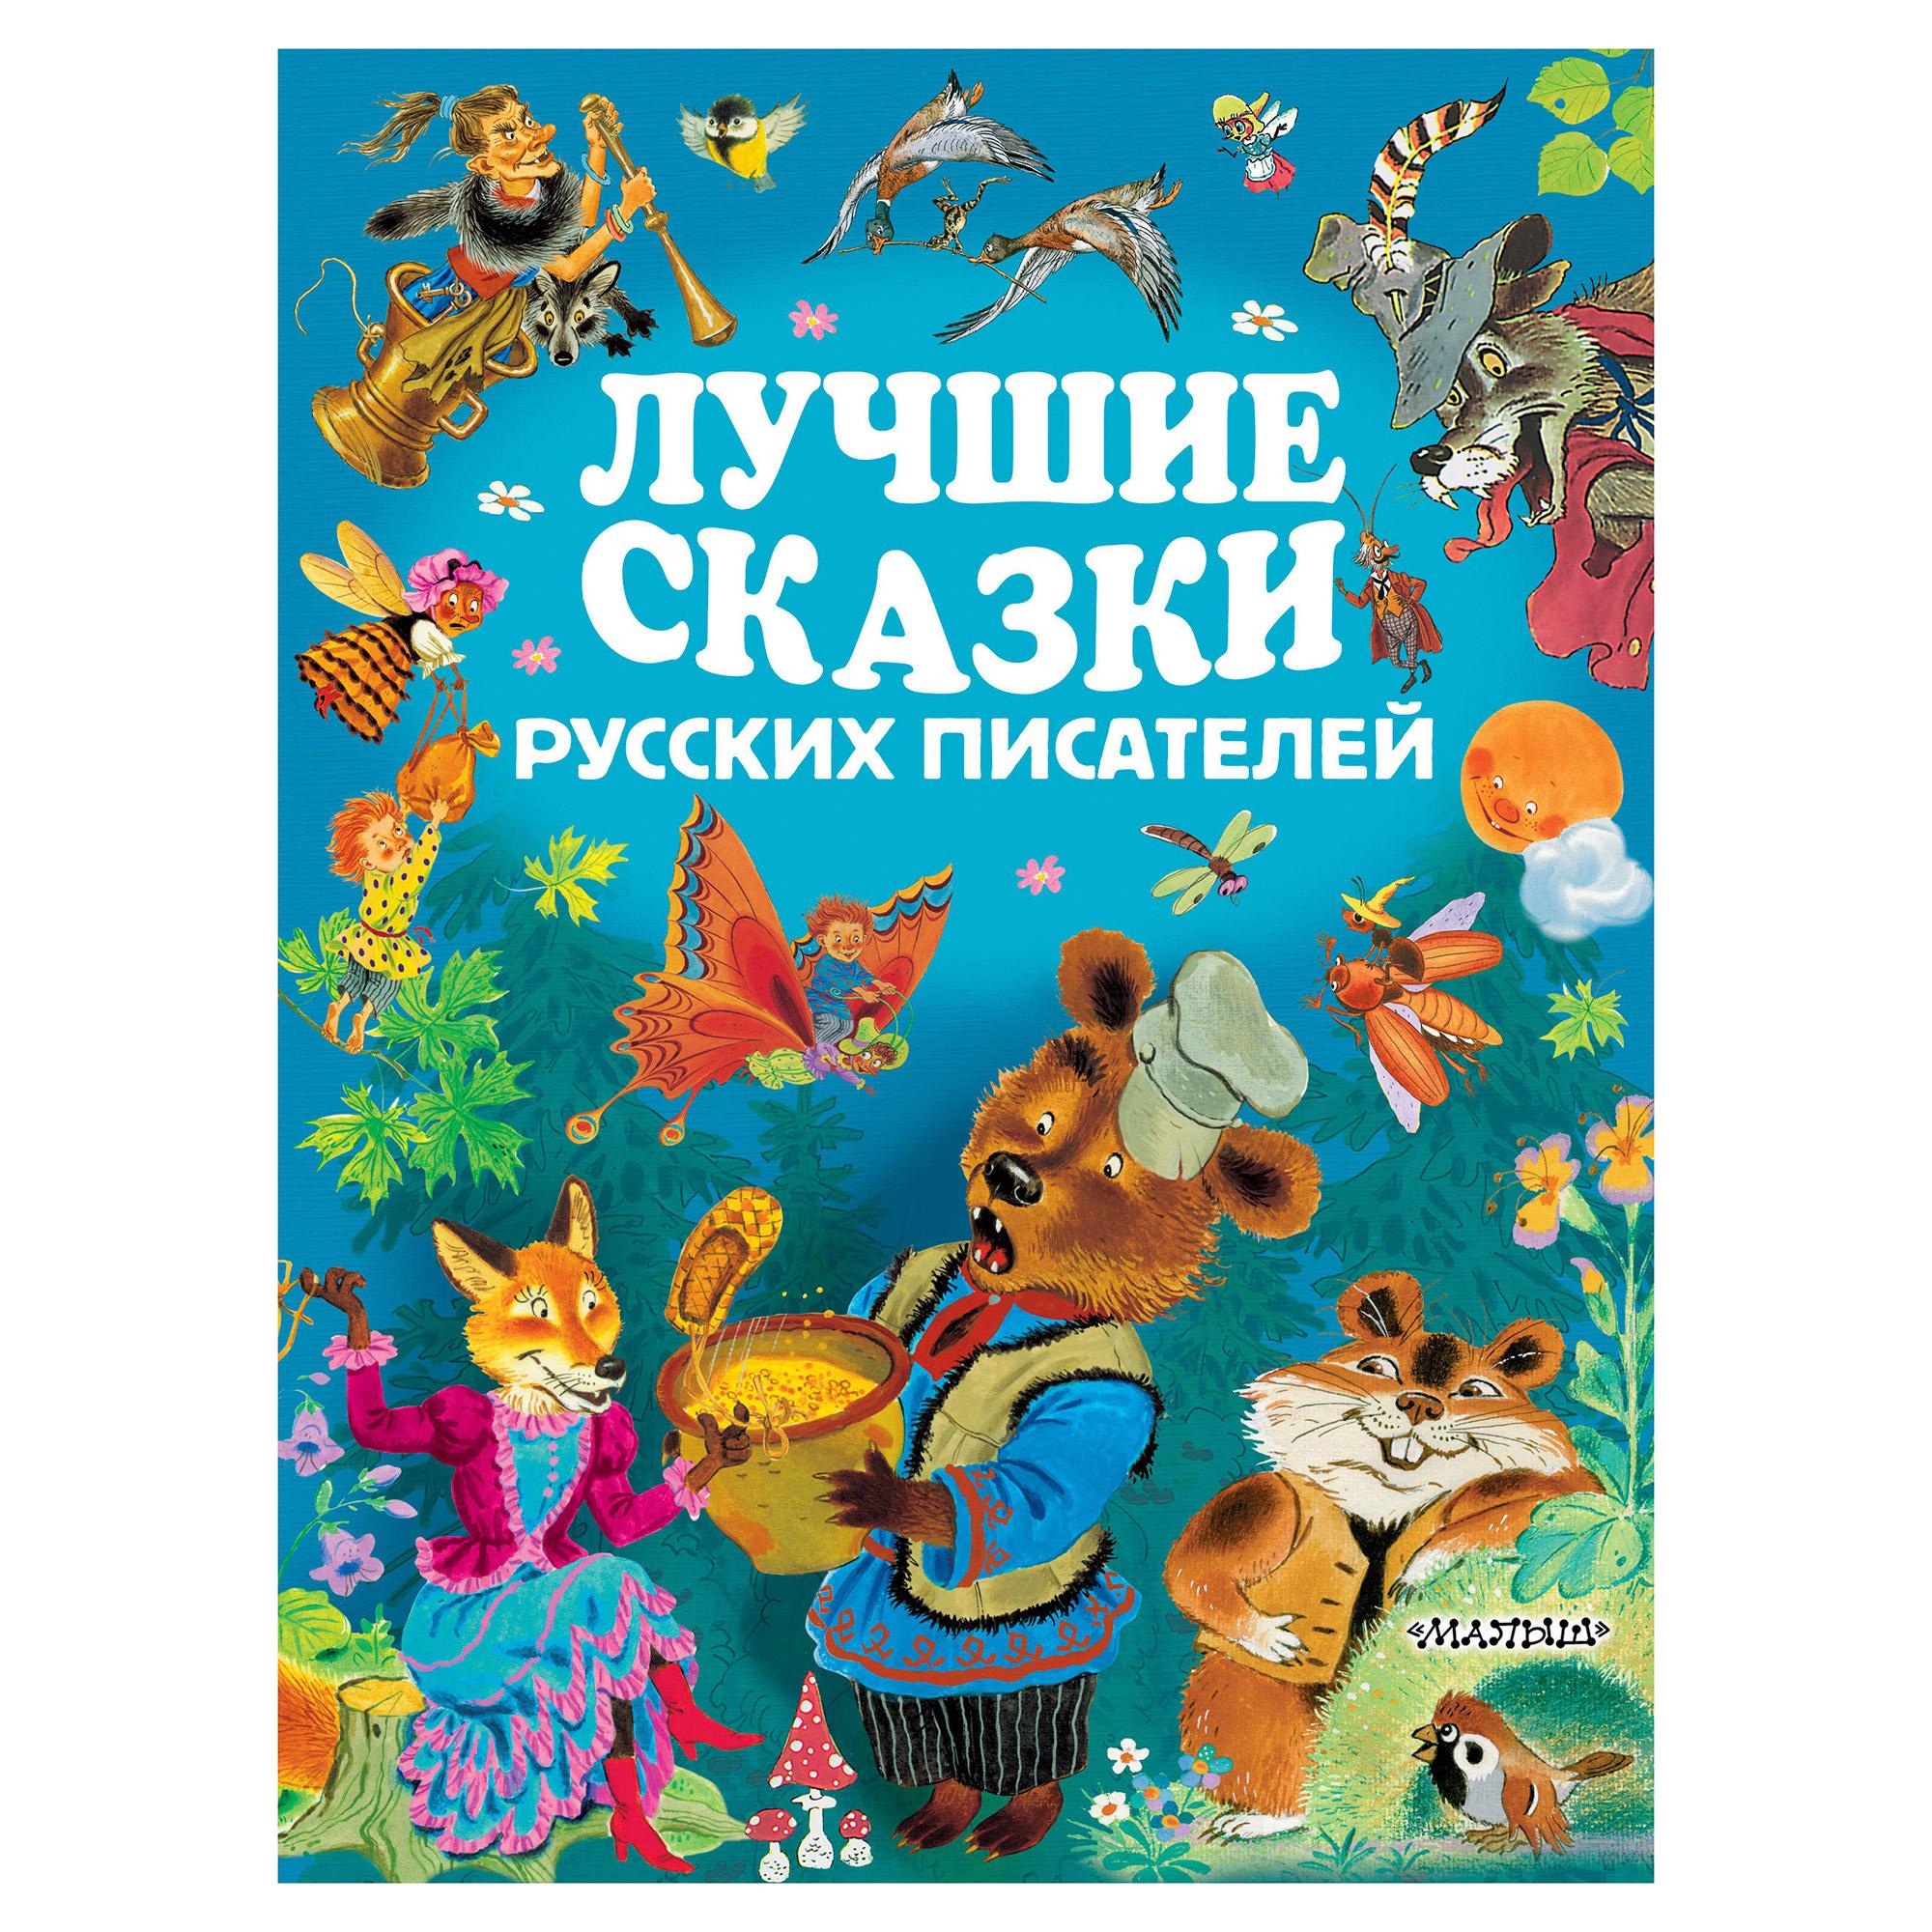 Книга АСТ Лучшие сказки русских писателей,  - купить со скидкой